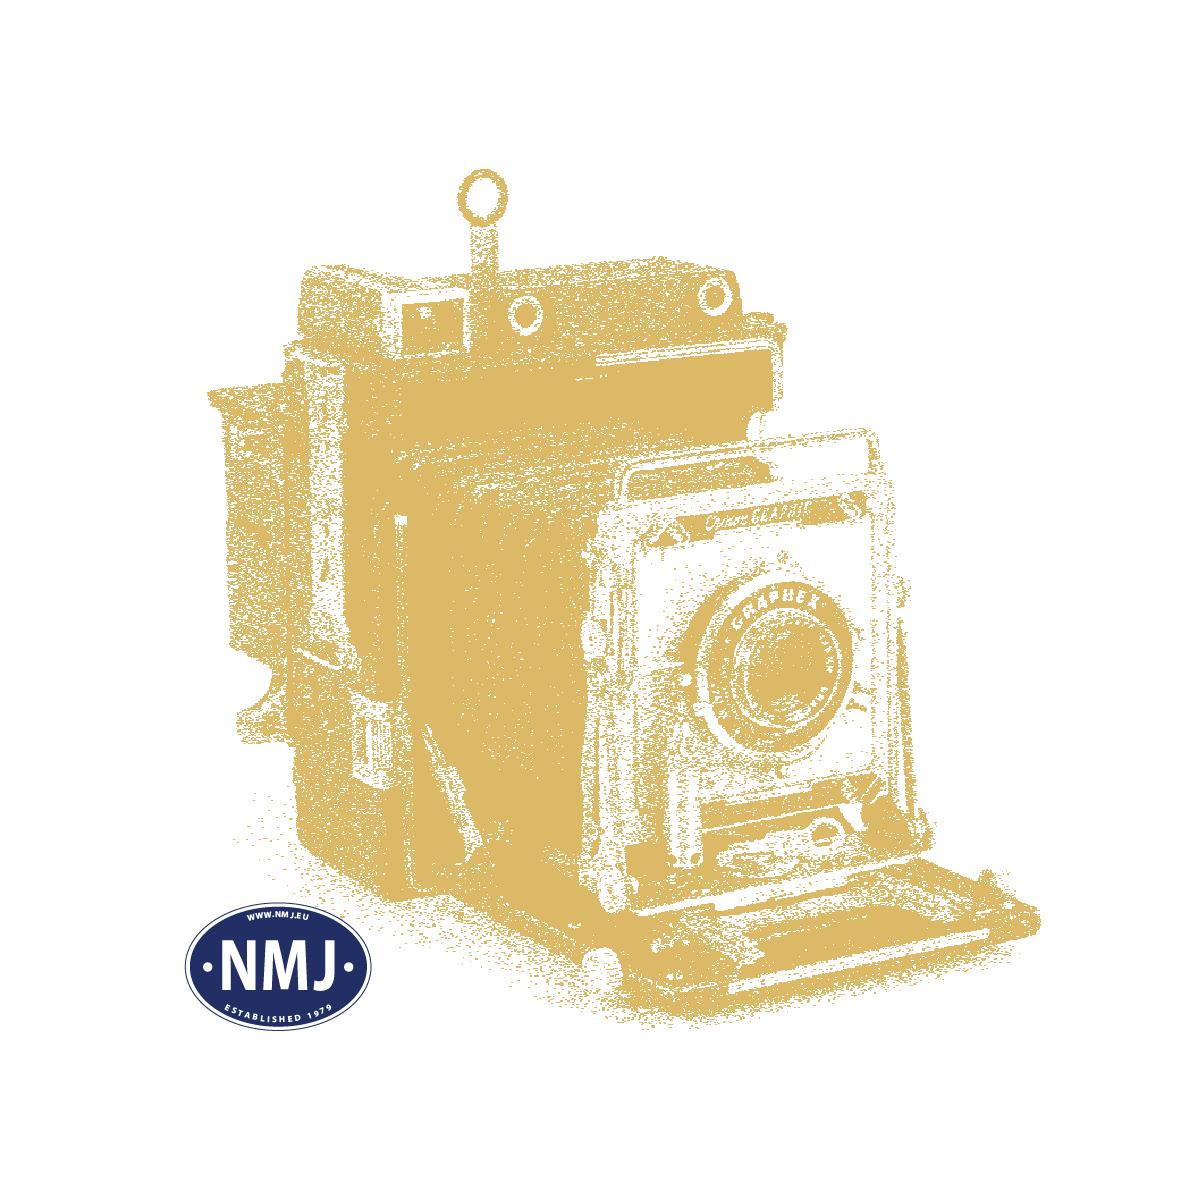 NMJH15101 - NMJ Skyline Modell der NSB Station Hell, Bauzustand um 1950 , Fertigmodell